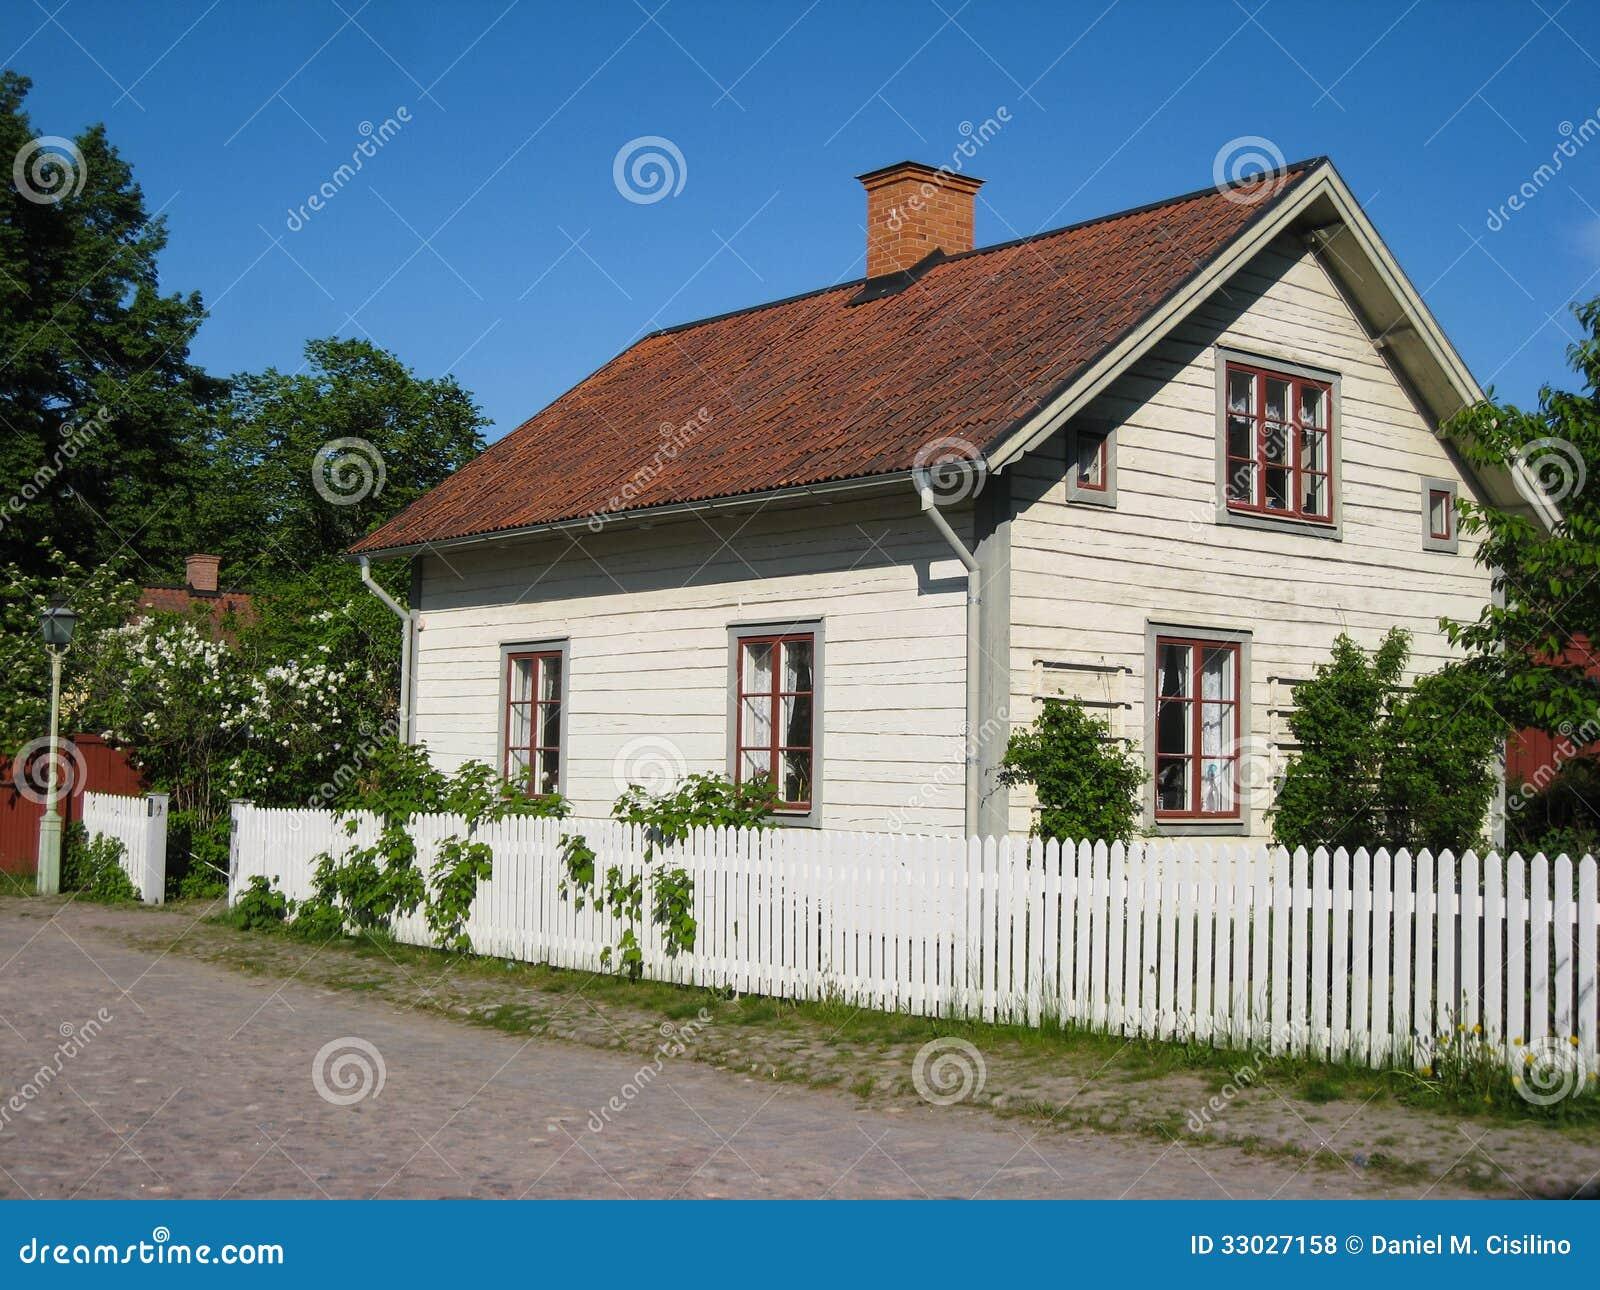 Stary tradycyjny szwedzi dom. Linkoping. Szwecja.